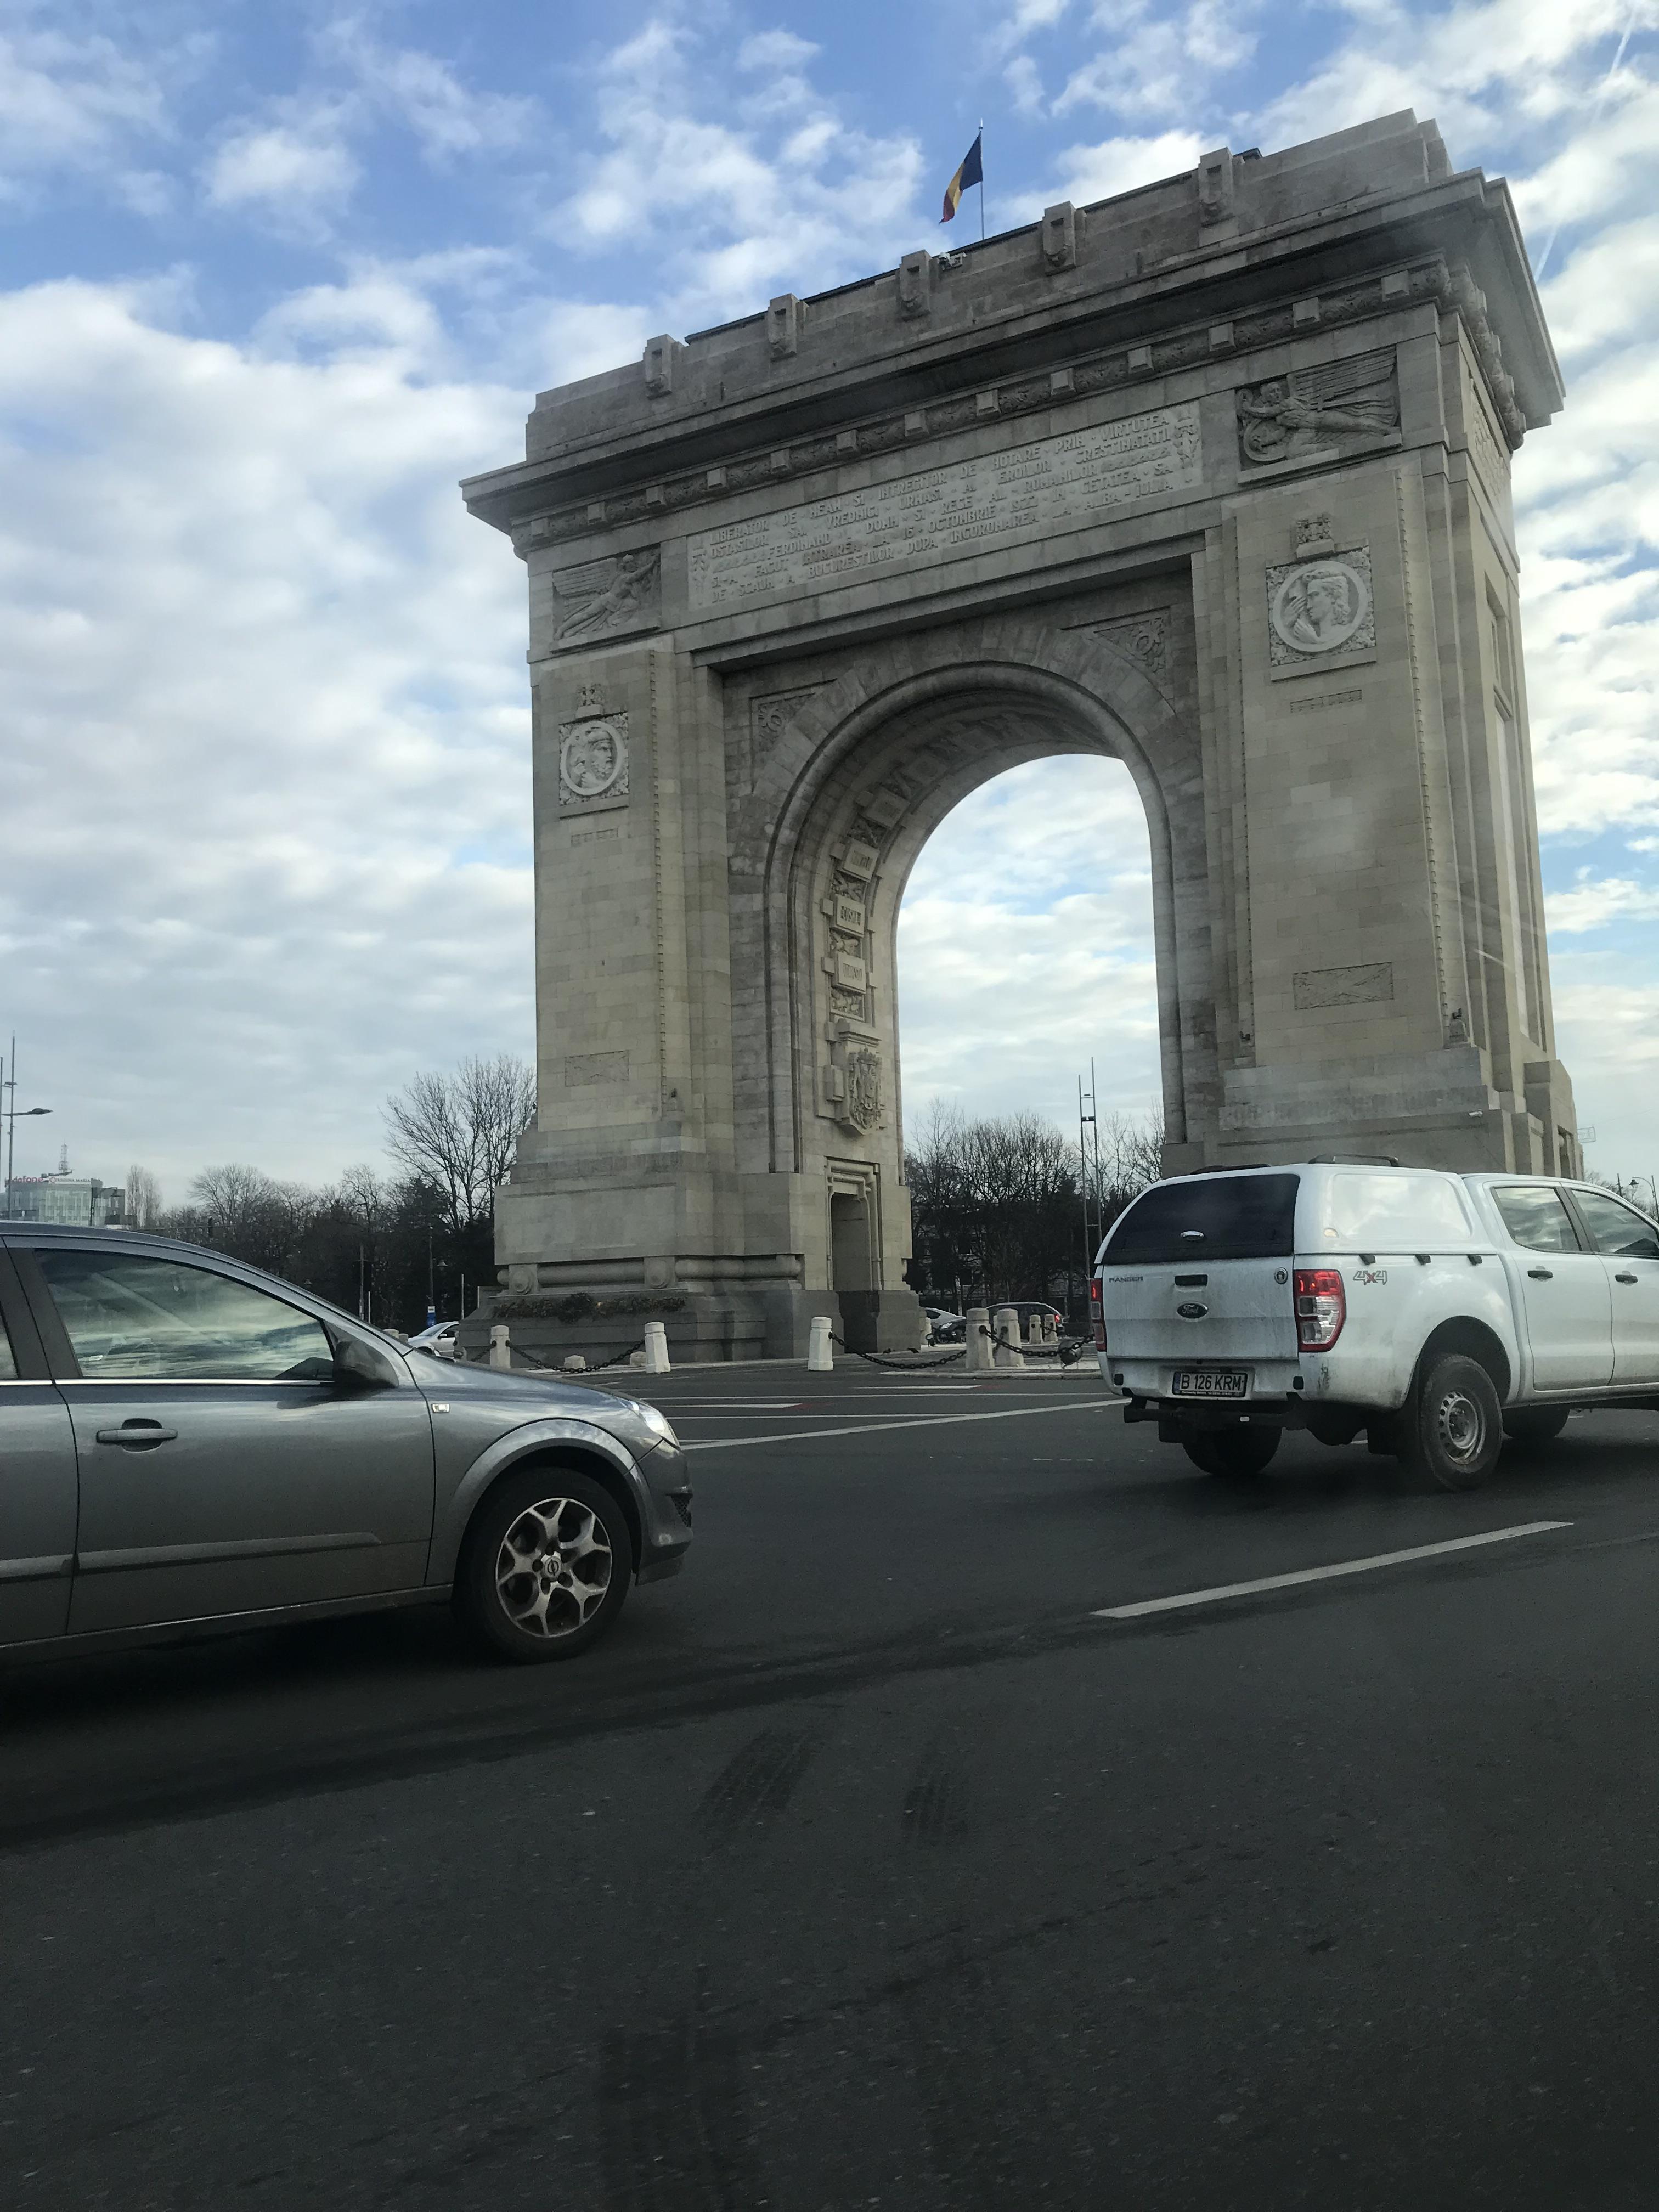 Arcul De Triumf in Bucharest, Romania